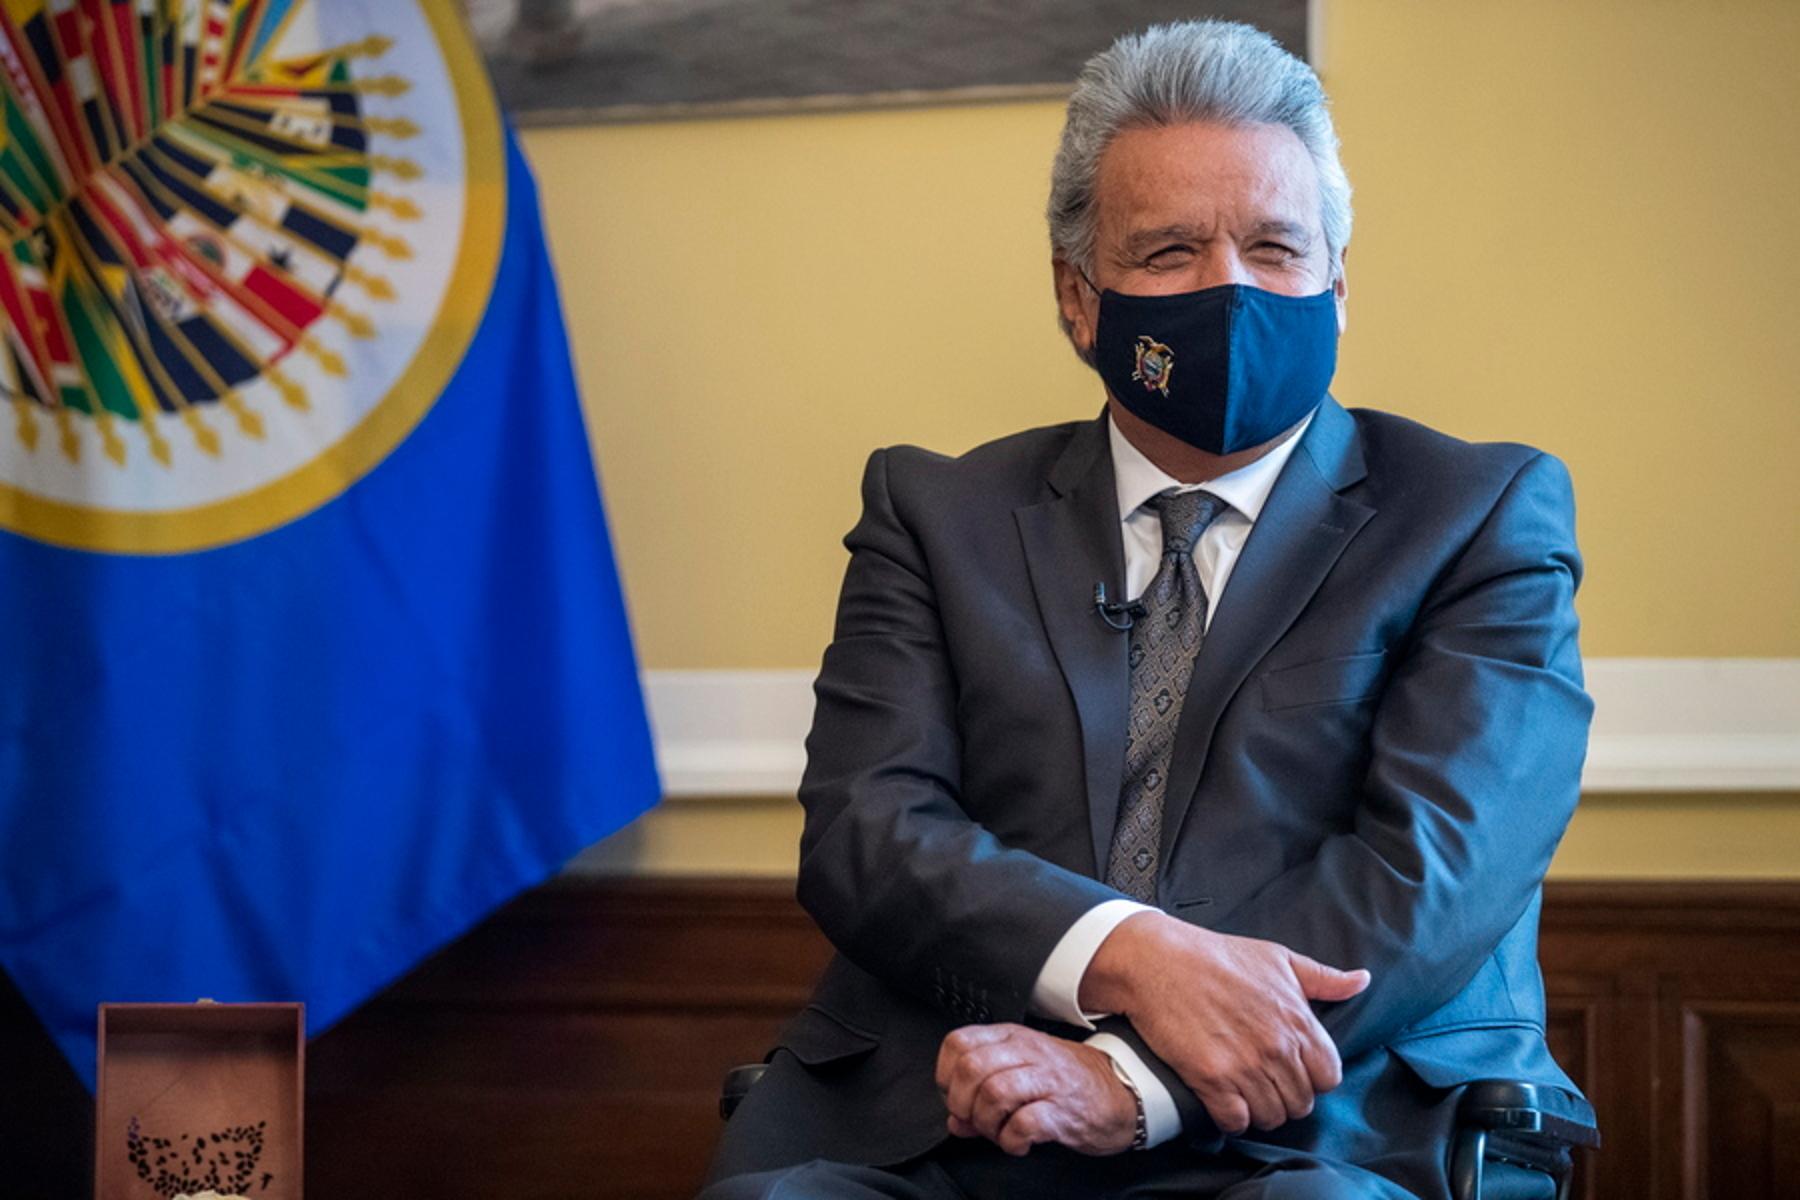 Ουάσιγκτον: Αναγκαστική προσγείωση για το αεροσκάφος του προέδρου του Ισημερινού